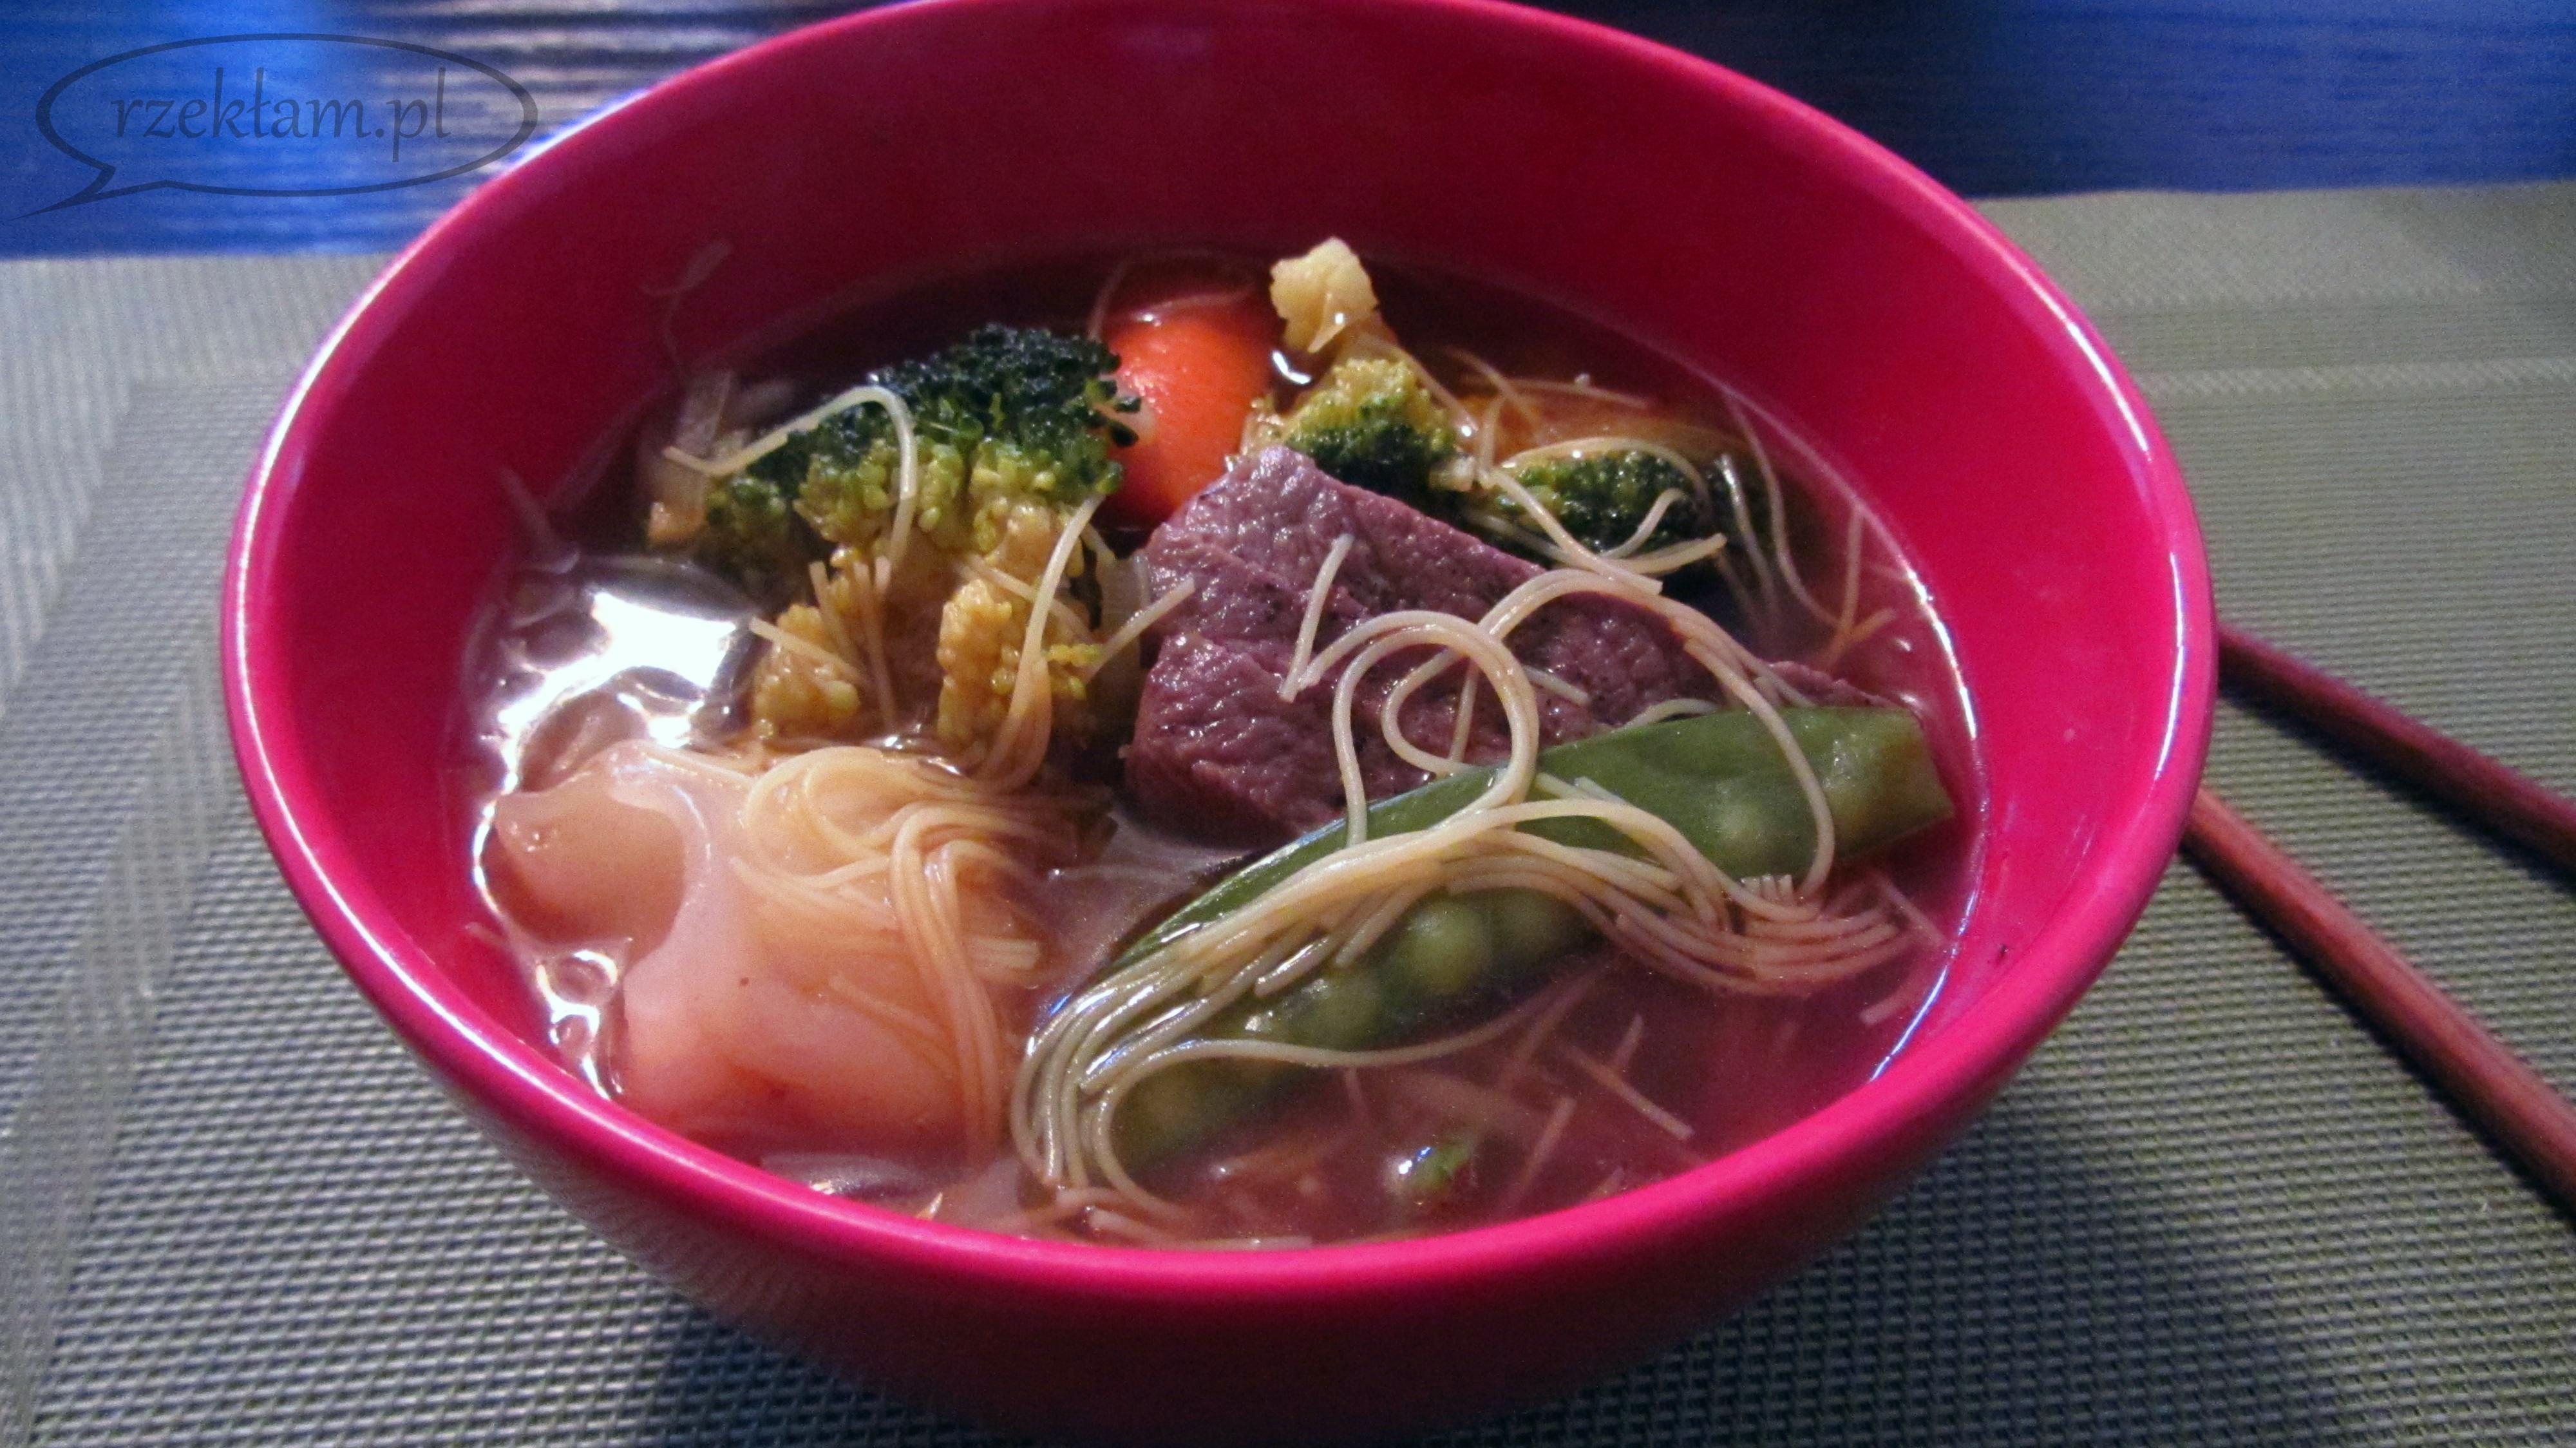 Smacznie i zdrowo: domowa zupka chińska